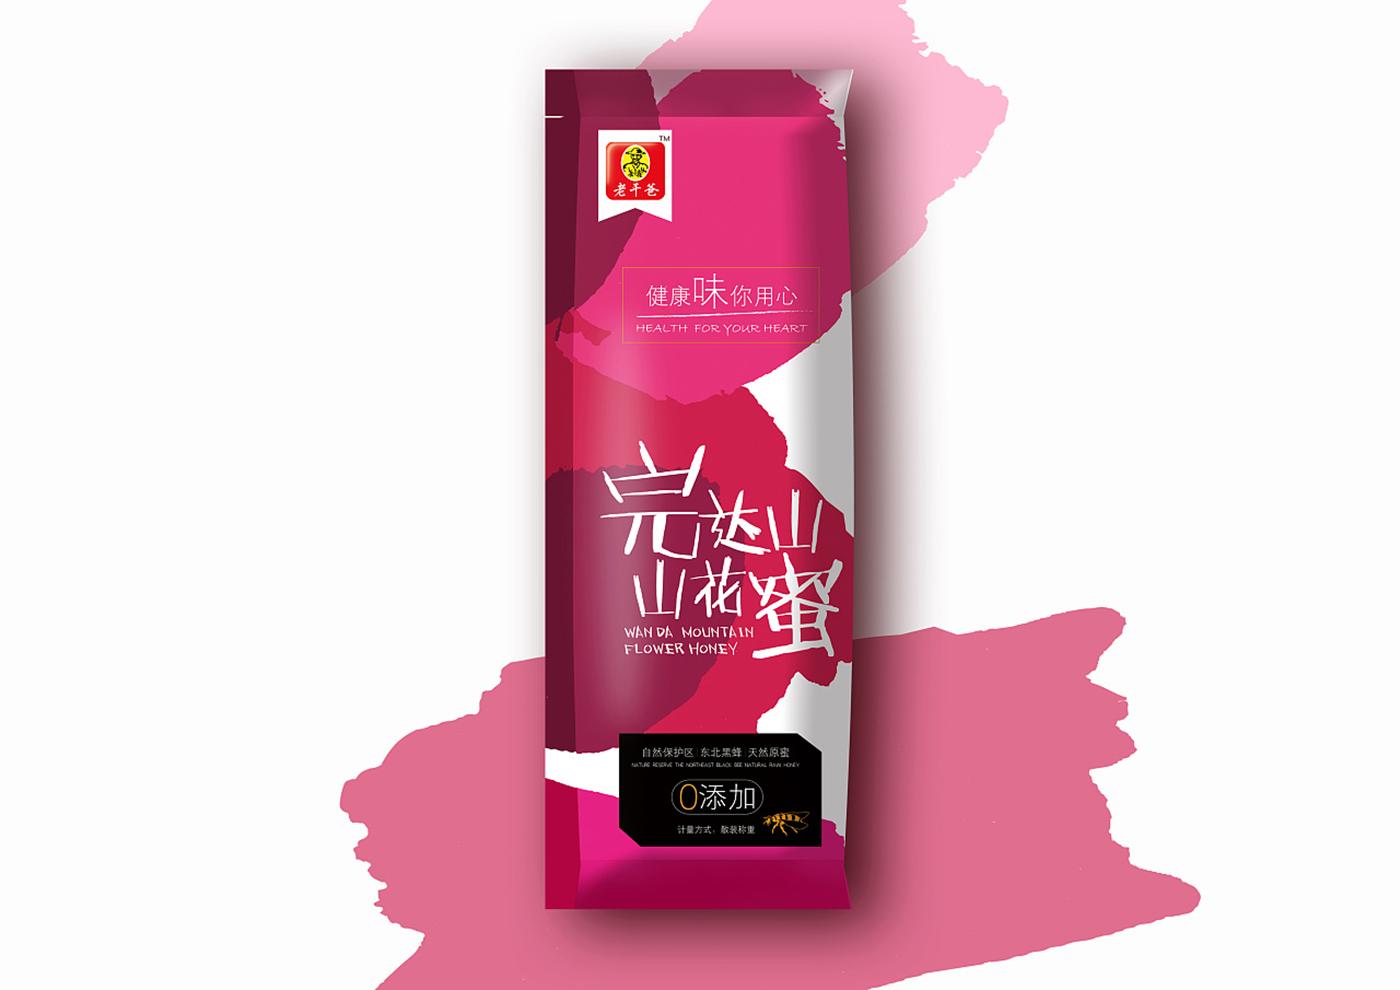 江苏老干爸食品有限公司-老干爸蜂蜜系列包装1